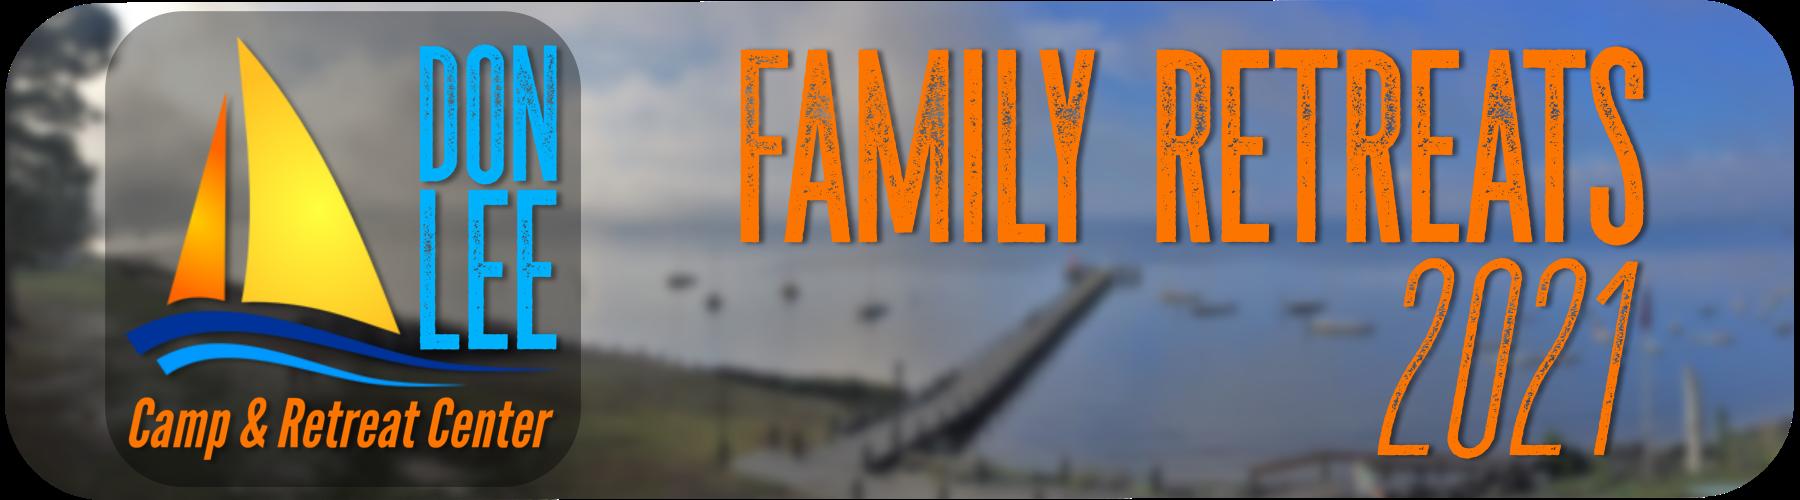 Don Lee - Family Retreats 2021 1